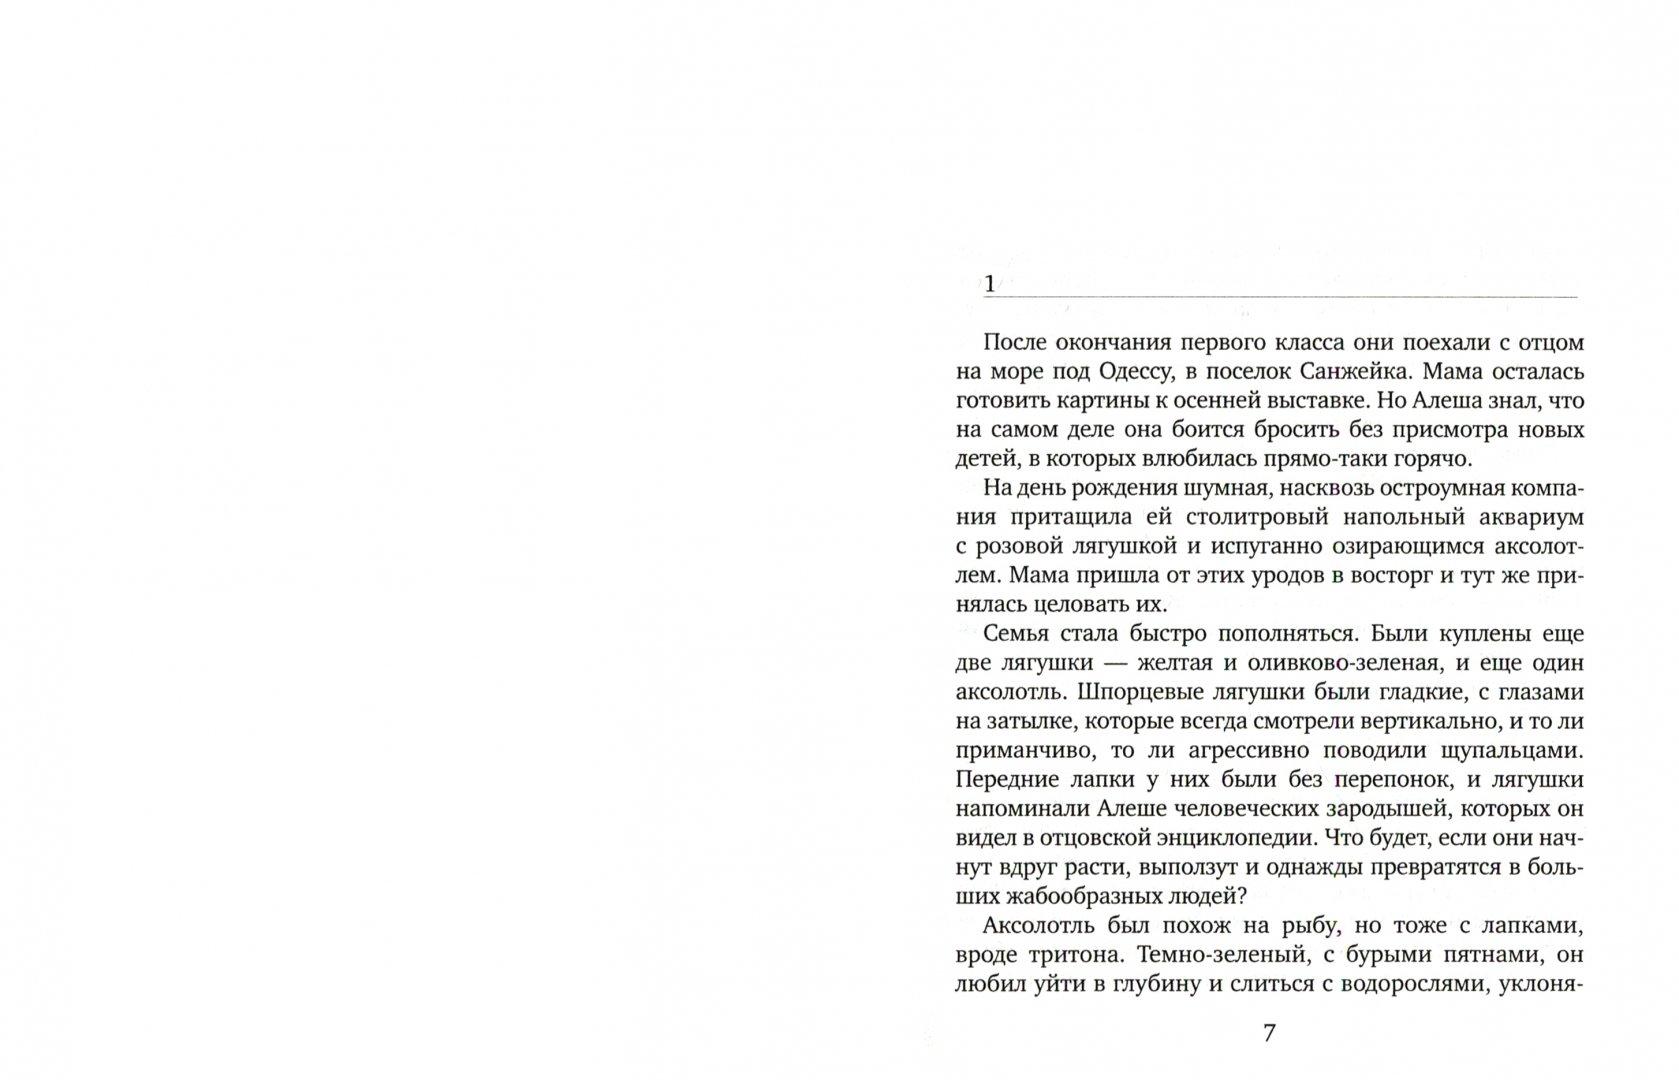 Иллюстрация 1 из 17 для Кругами рая: Роман-кино в двух частях - Николай Крыщук | Лабиринт - книги. Источник: Лабиринт